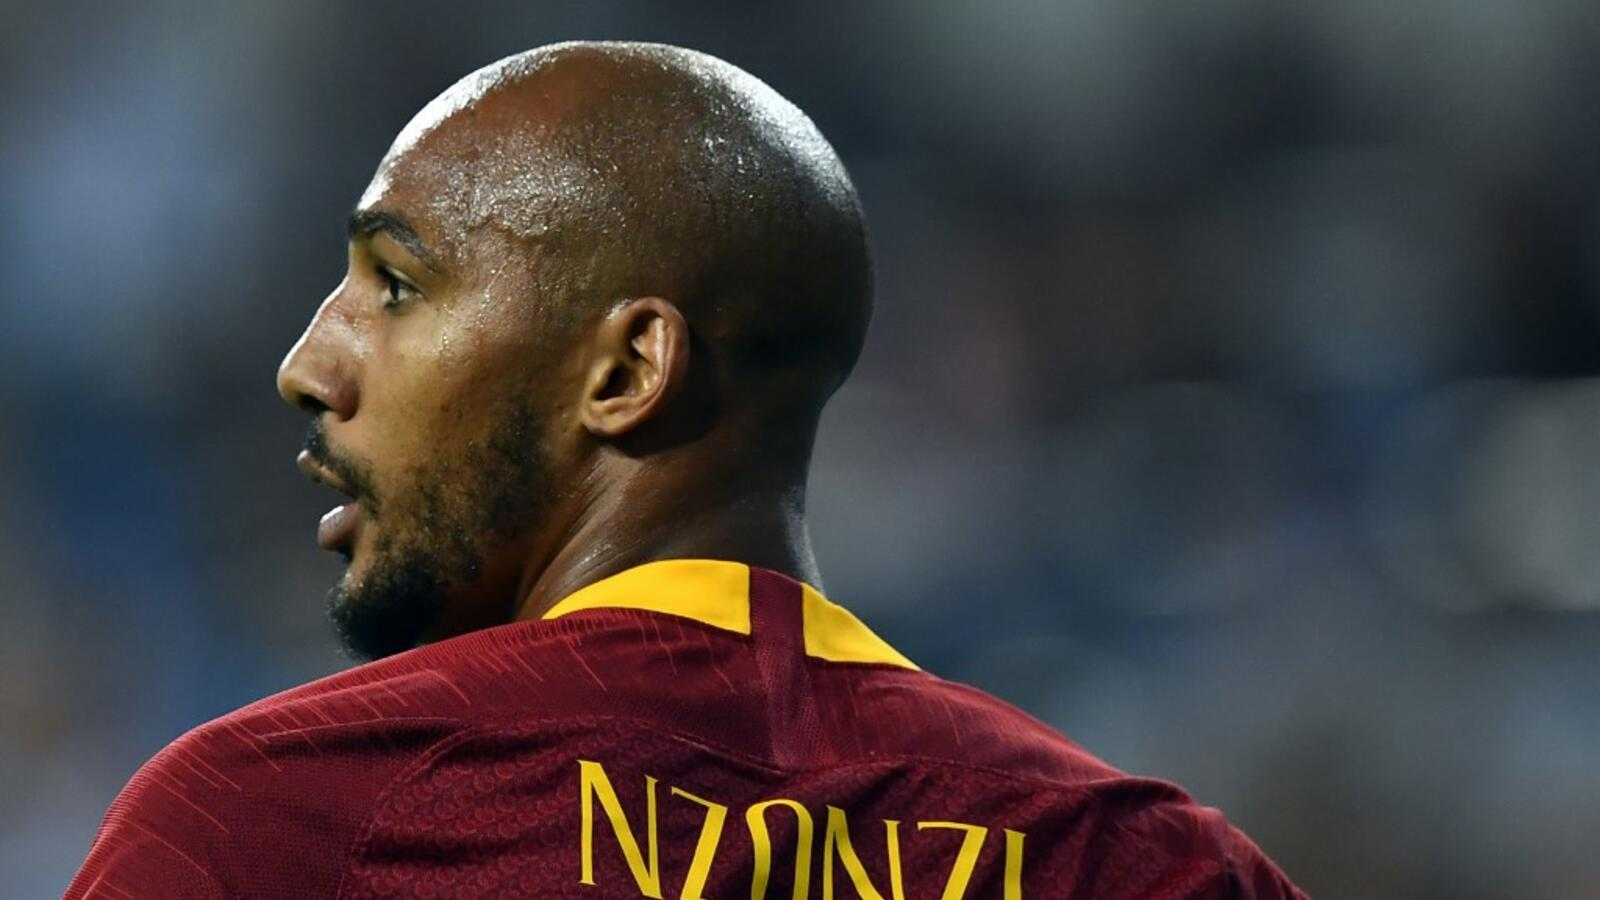 Nzonzi, centrocampista della Roma in prestito al Rennes